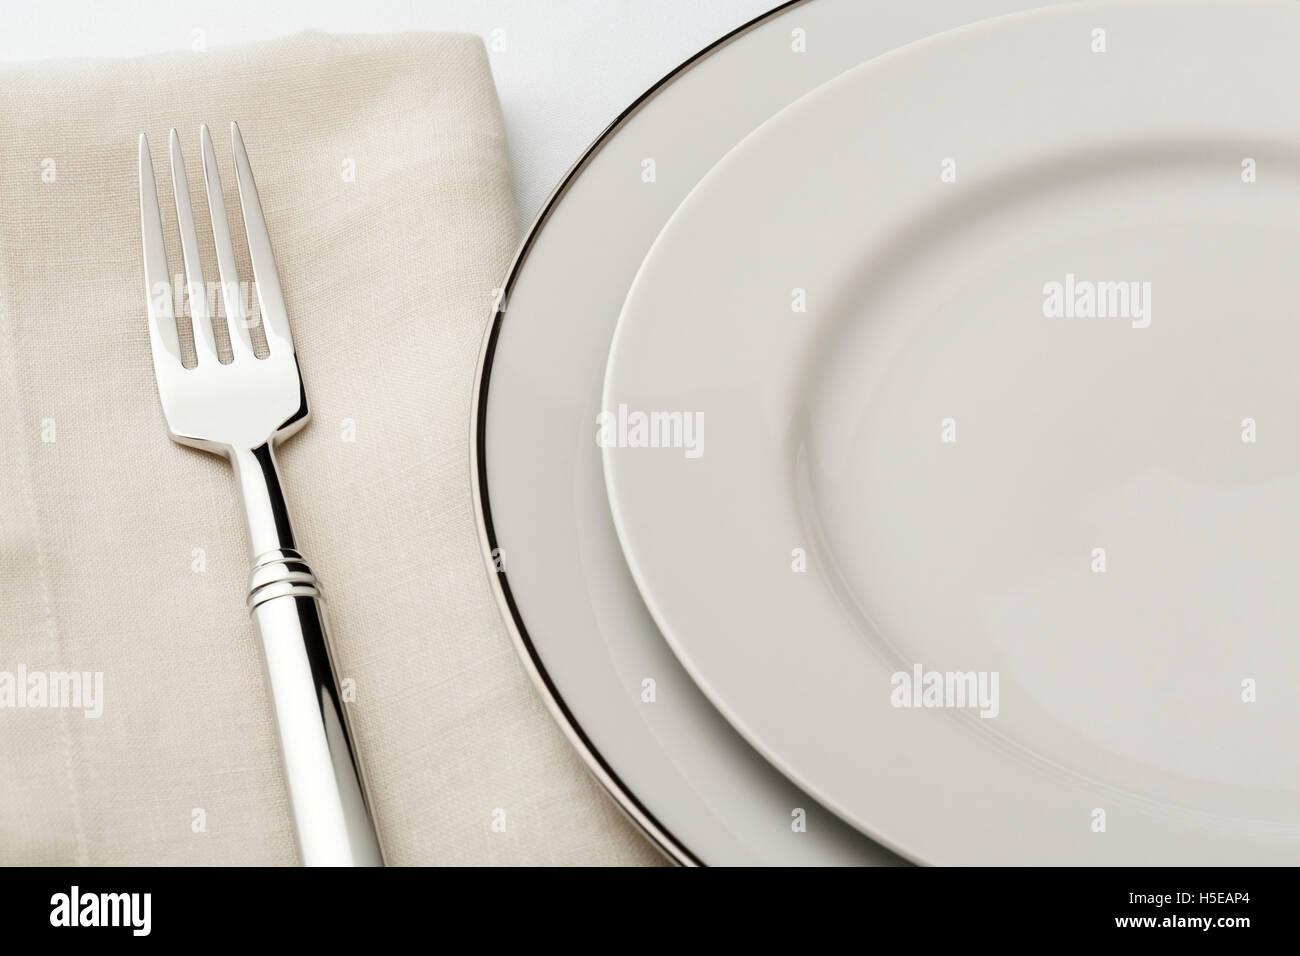 Feine Esstisch Platz Einstellung mit hochwertigen klassischen Stil Weißware Geschirr, Leinen-Serviette und Stockbild